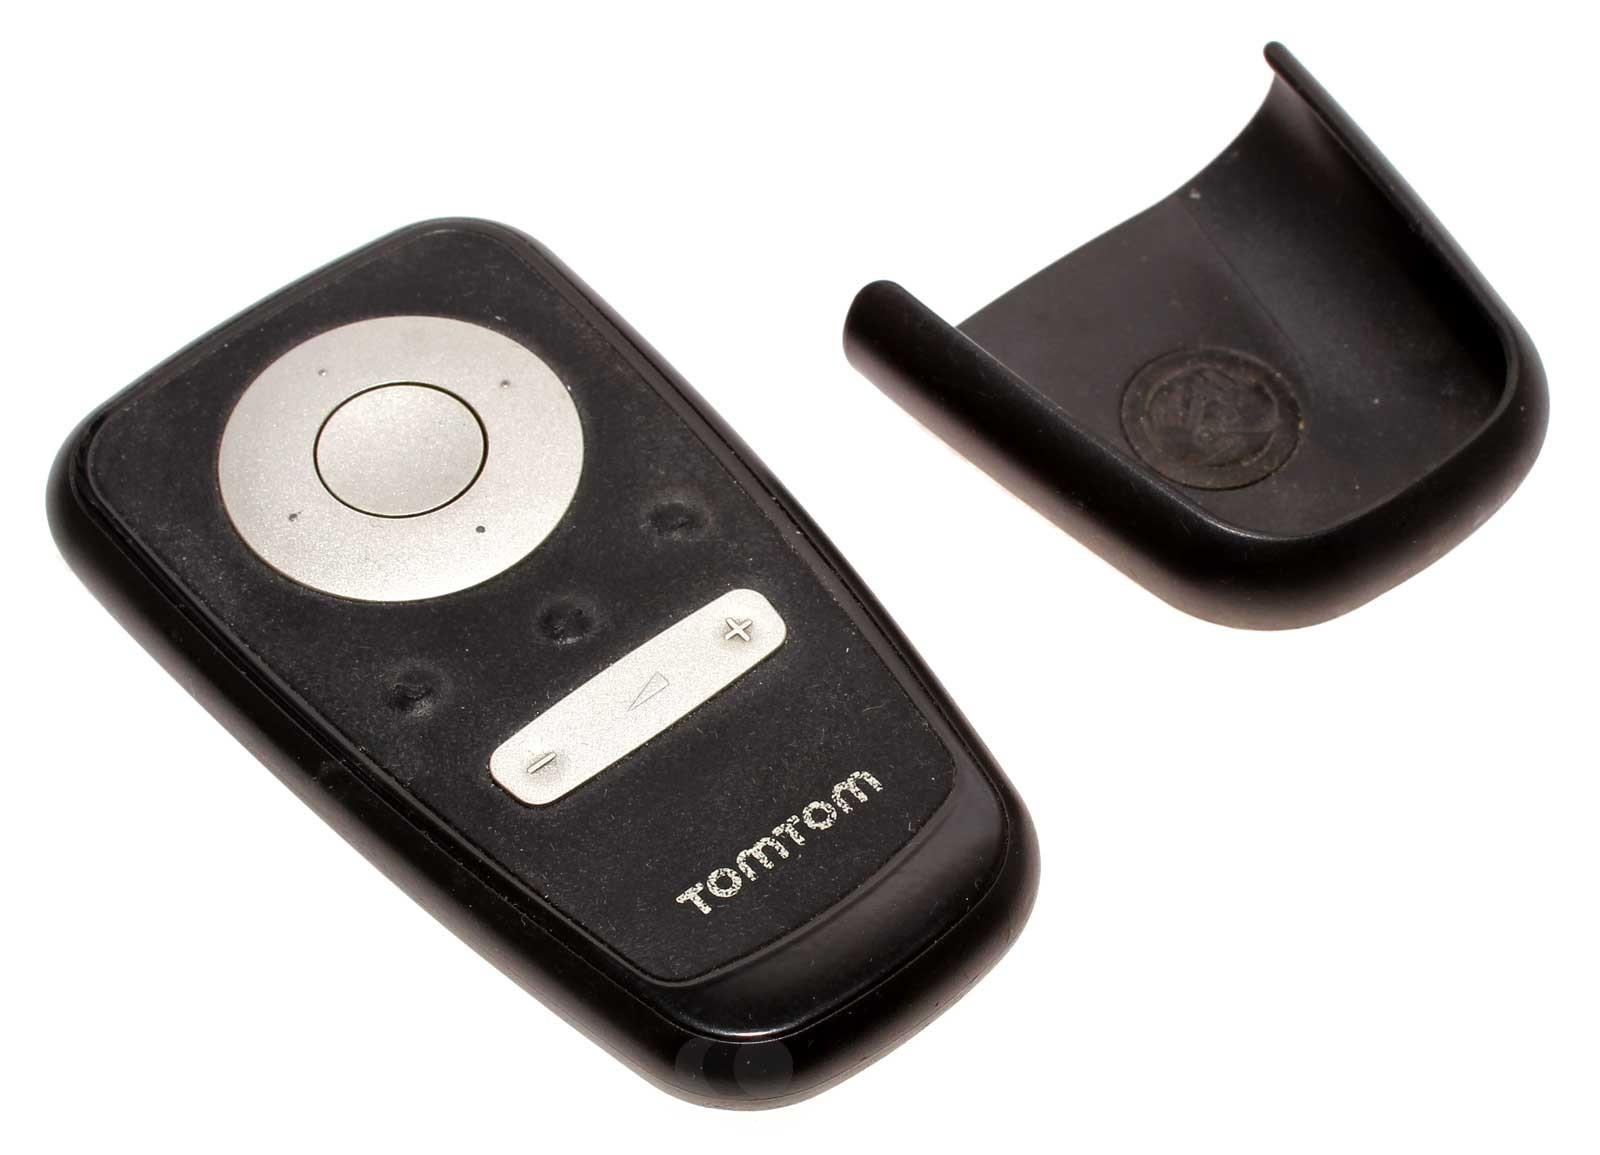 Original TomTom Fernbedienung für TomTom GO GPS Navigationssysteme [gebraucht]